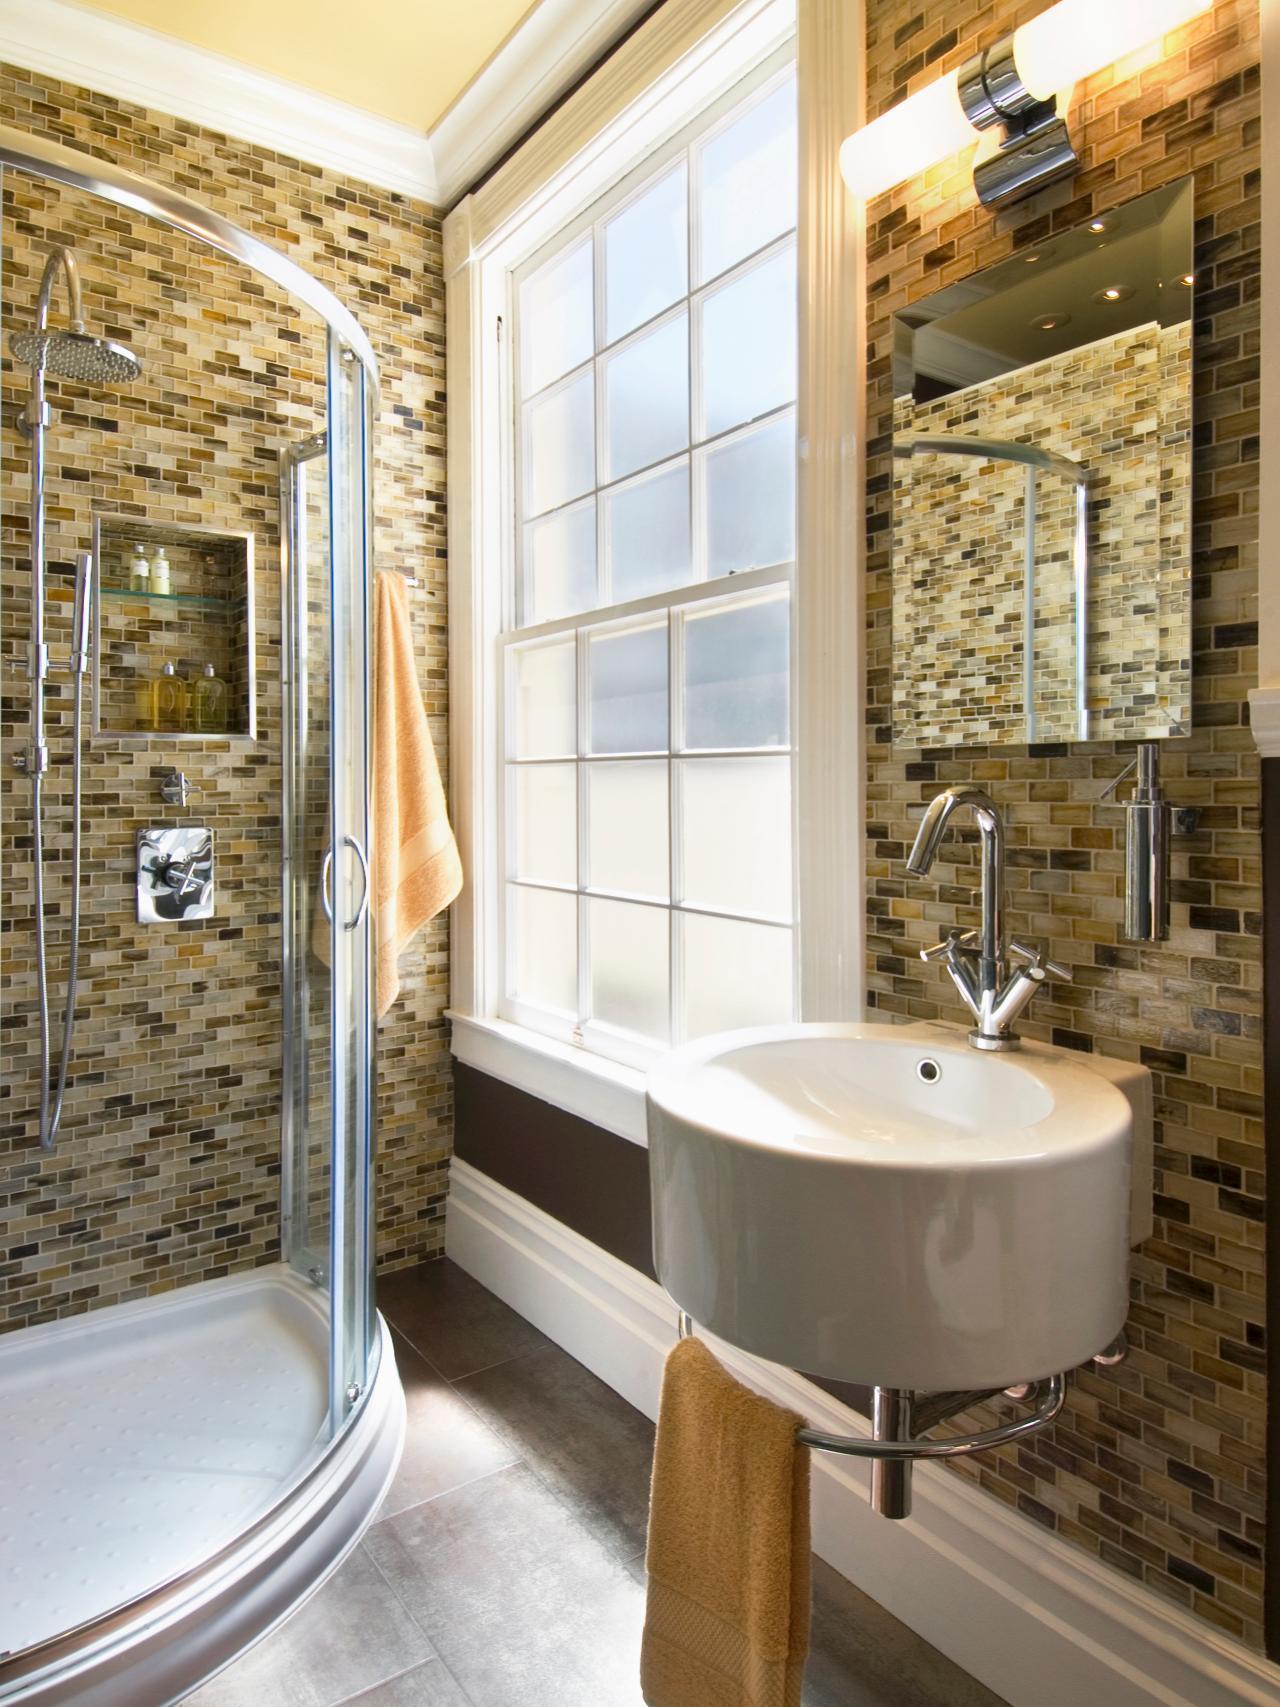 Ванная 9 кв. м со слюдяной мозаикой